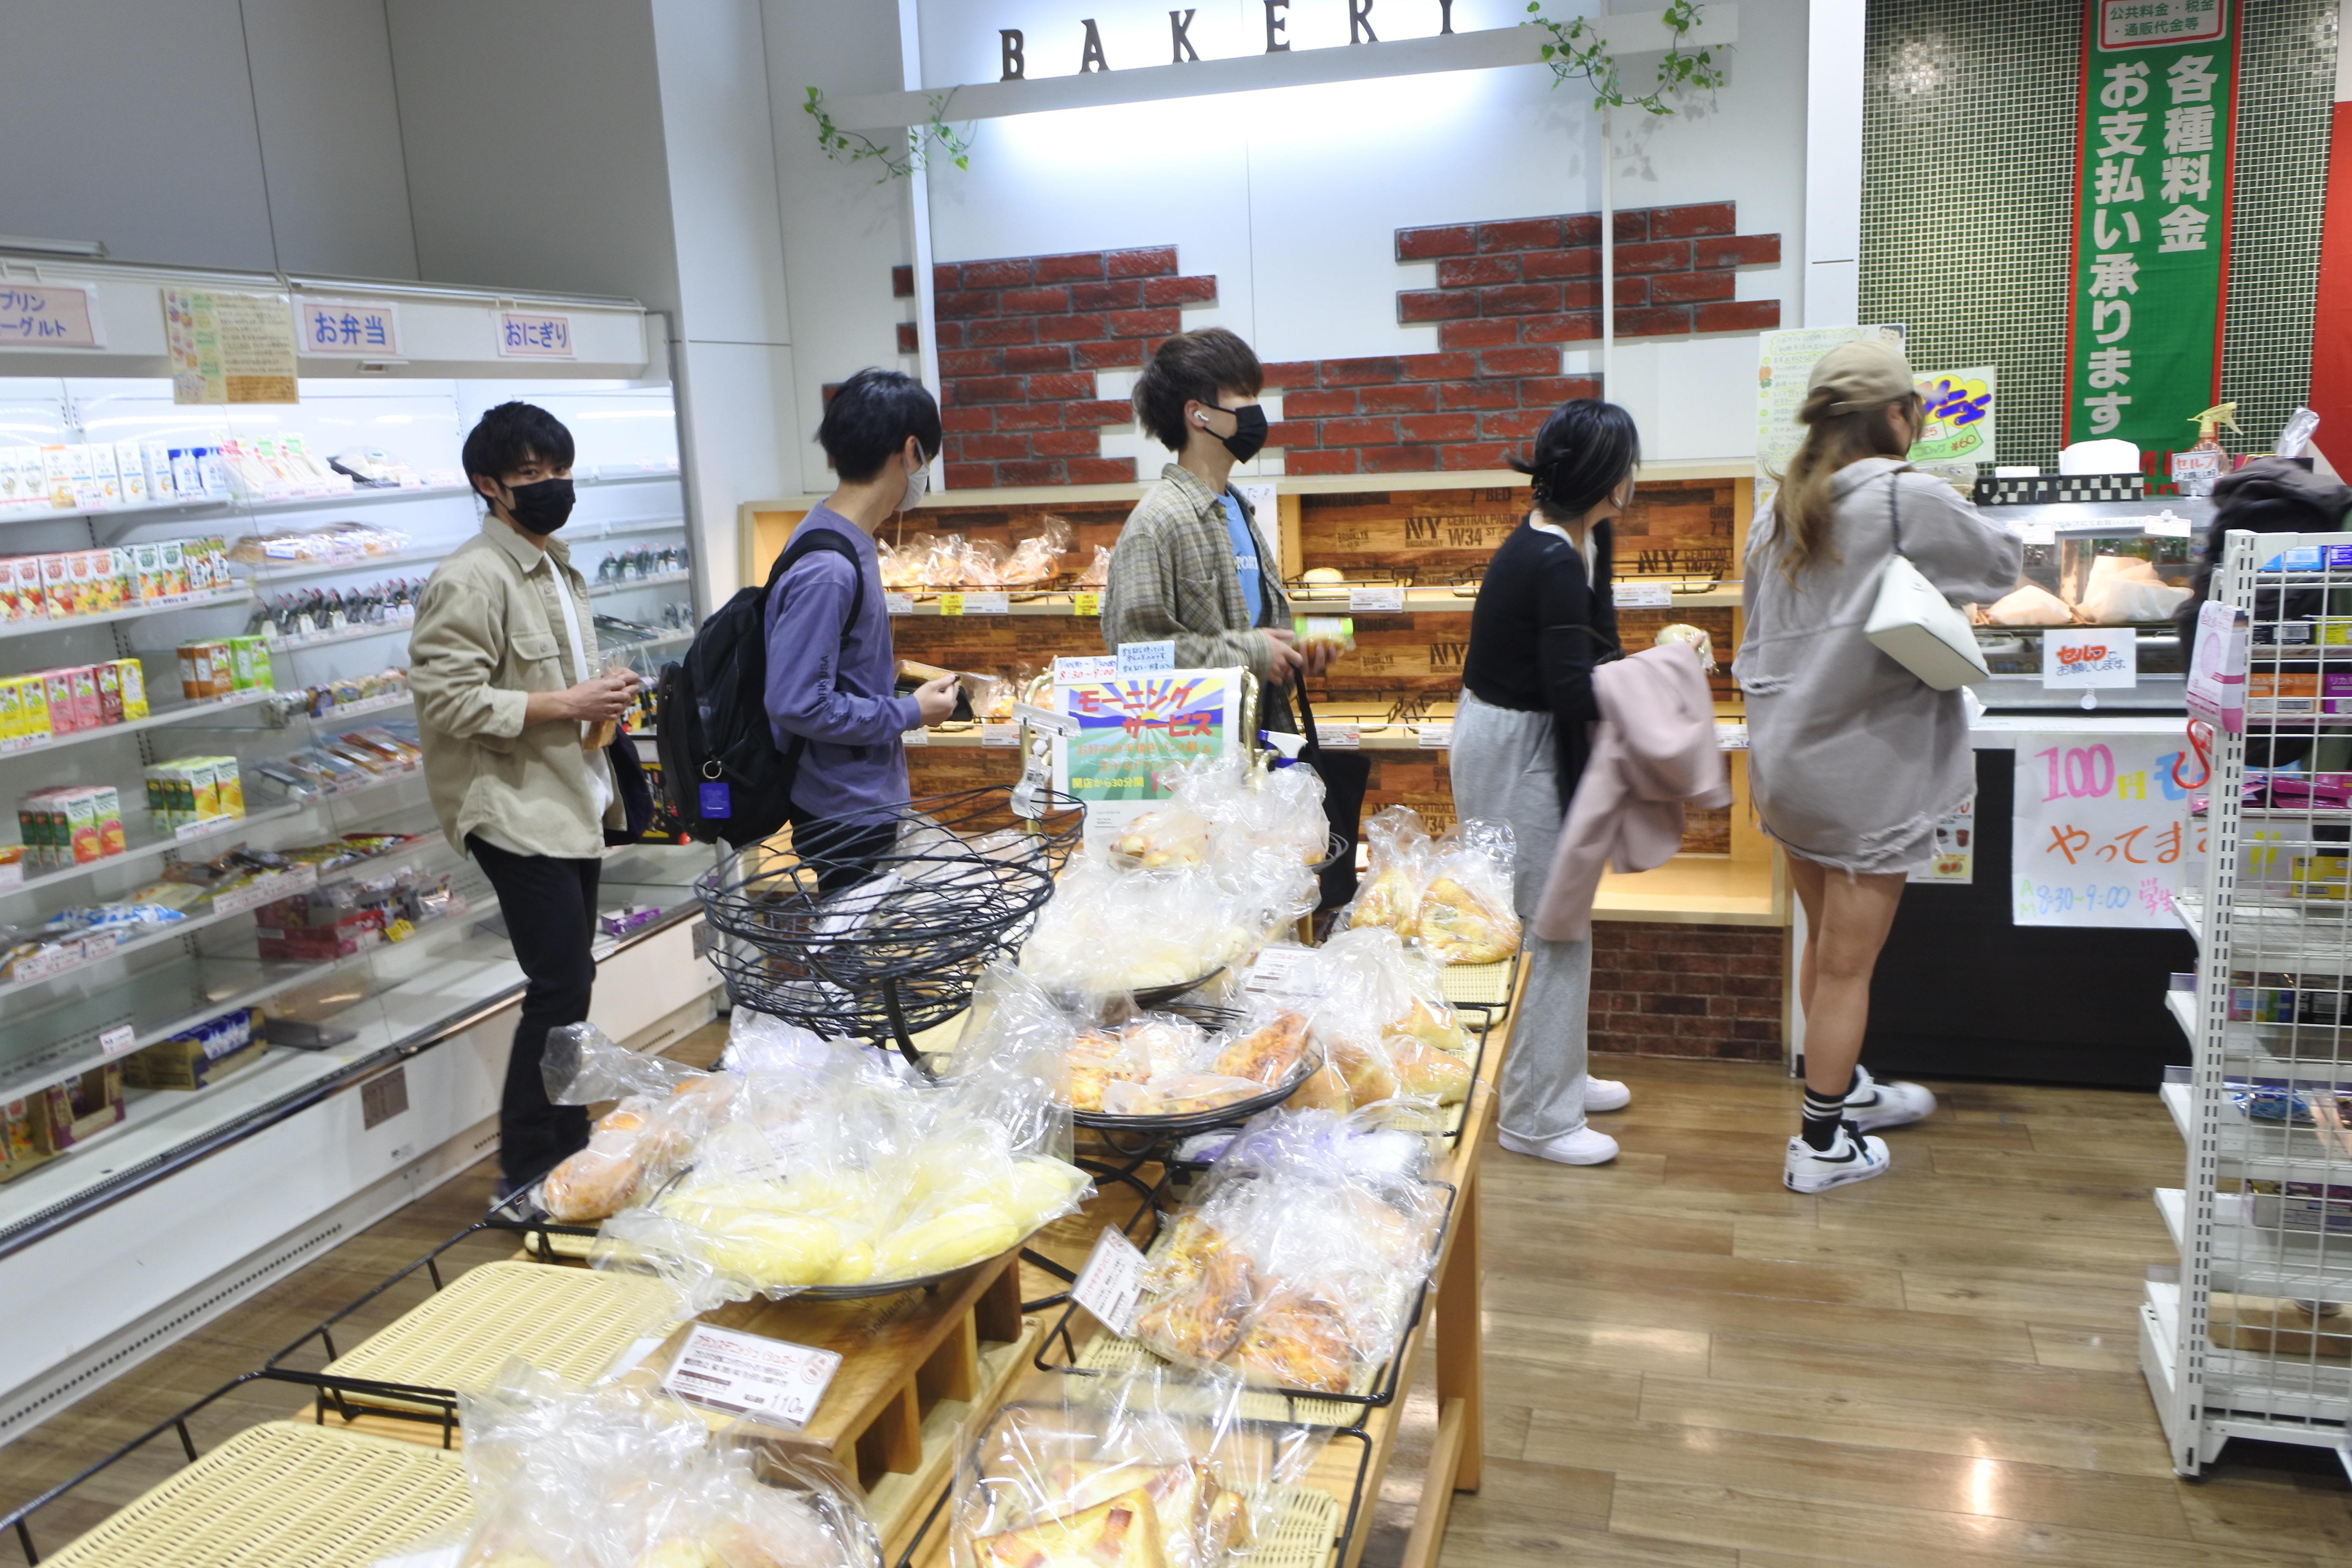 いろいろ選べるラボカフェのパン